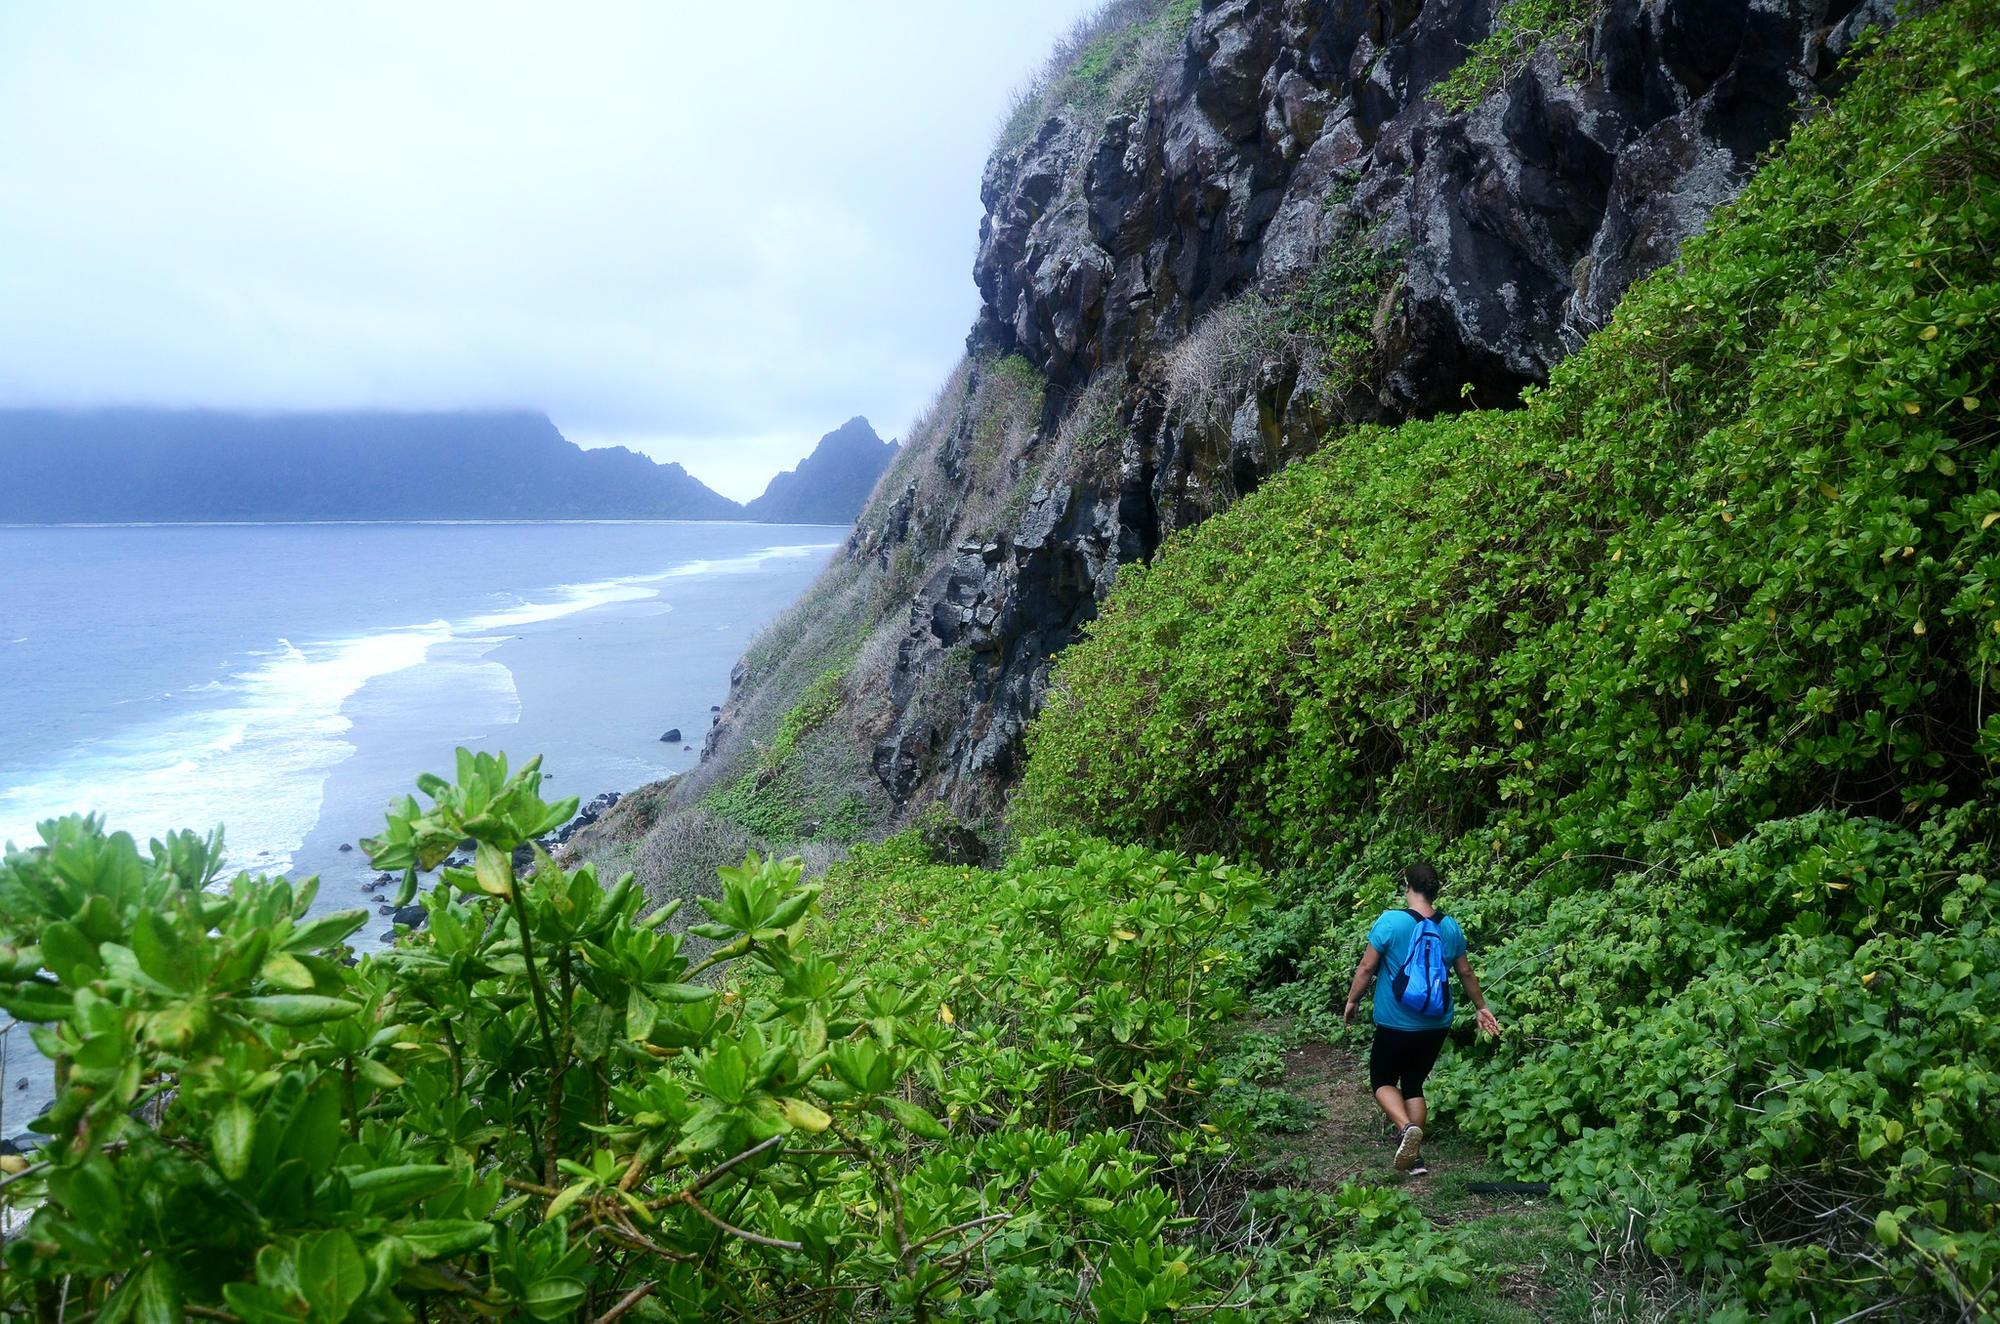 Maga Point, Olosega Island